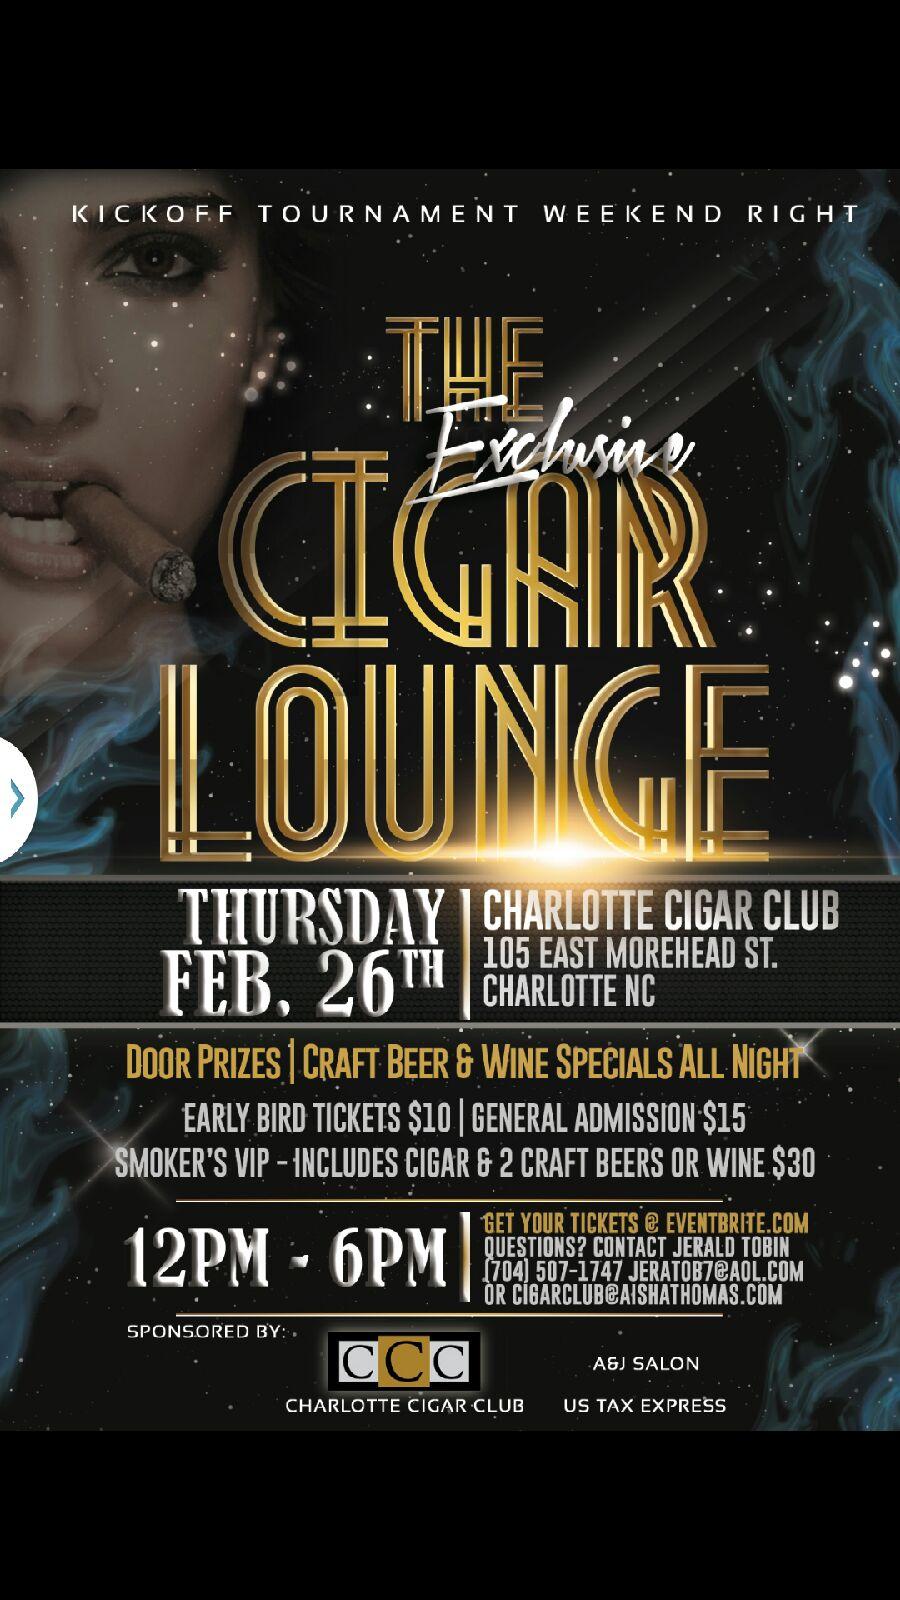 Cigar Lounge event details (flyer)